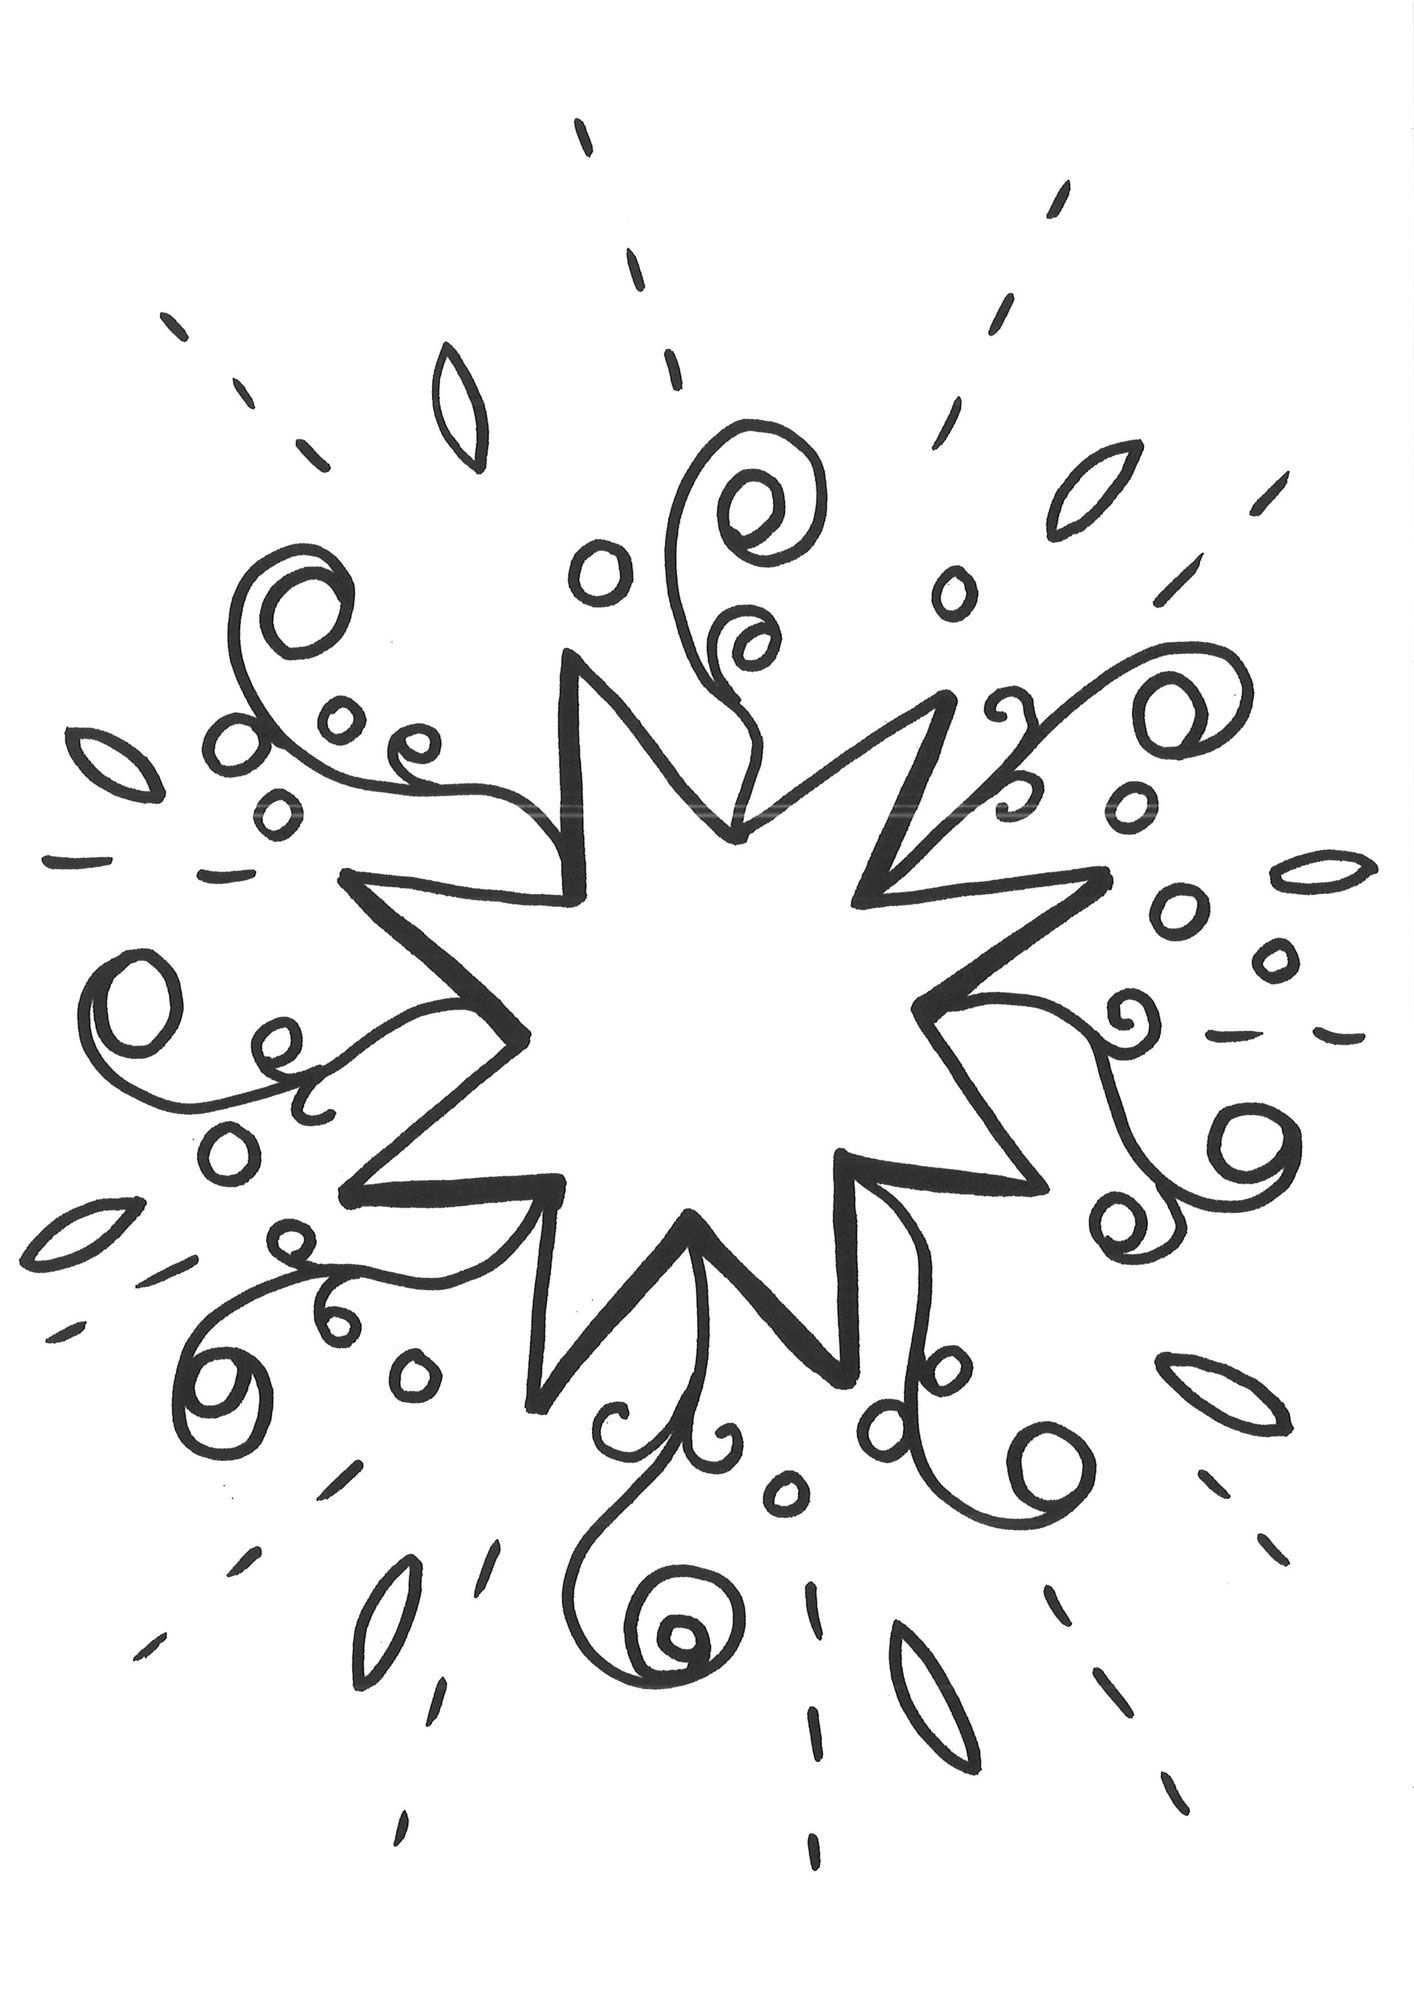 10 Beste Ausmalbilder Stern Kostenlos Zum Ausdrucken Ausmalbild Stern Sterne Ausmalbilder